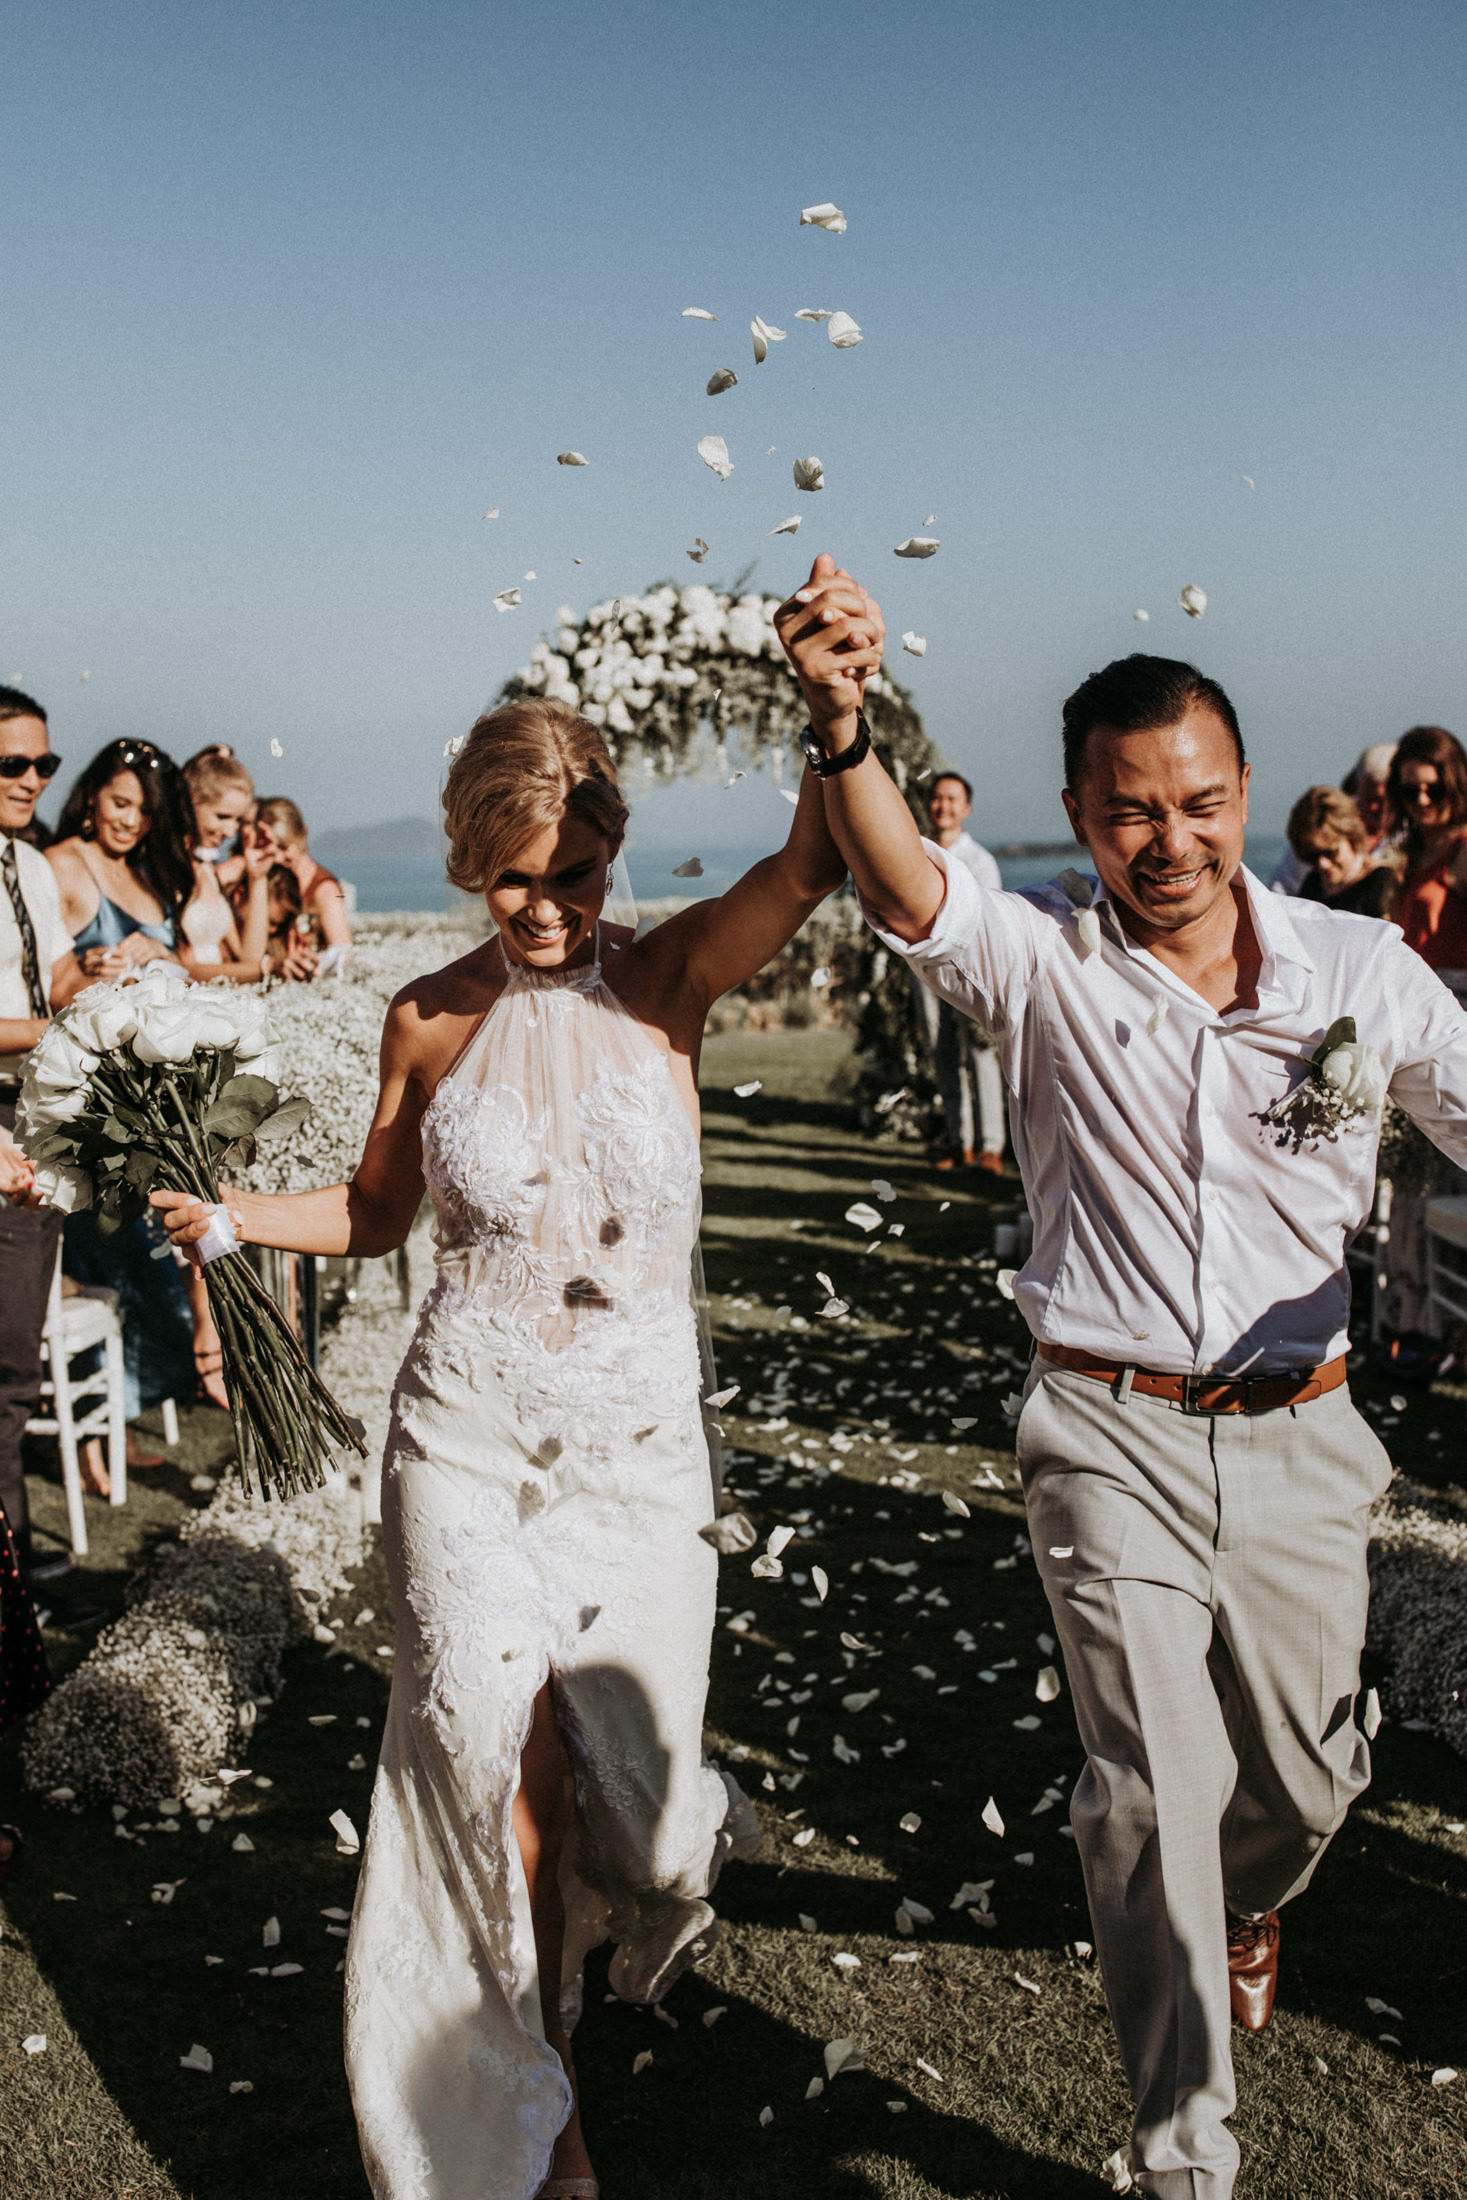 DanielaMarquardt_Wedding_Thailand_264